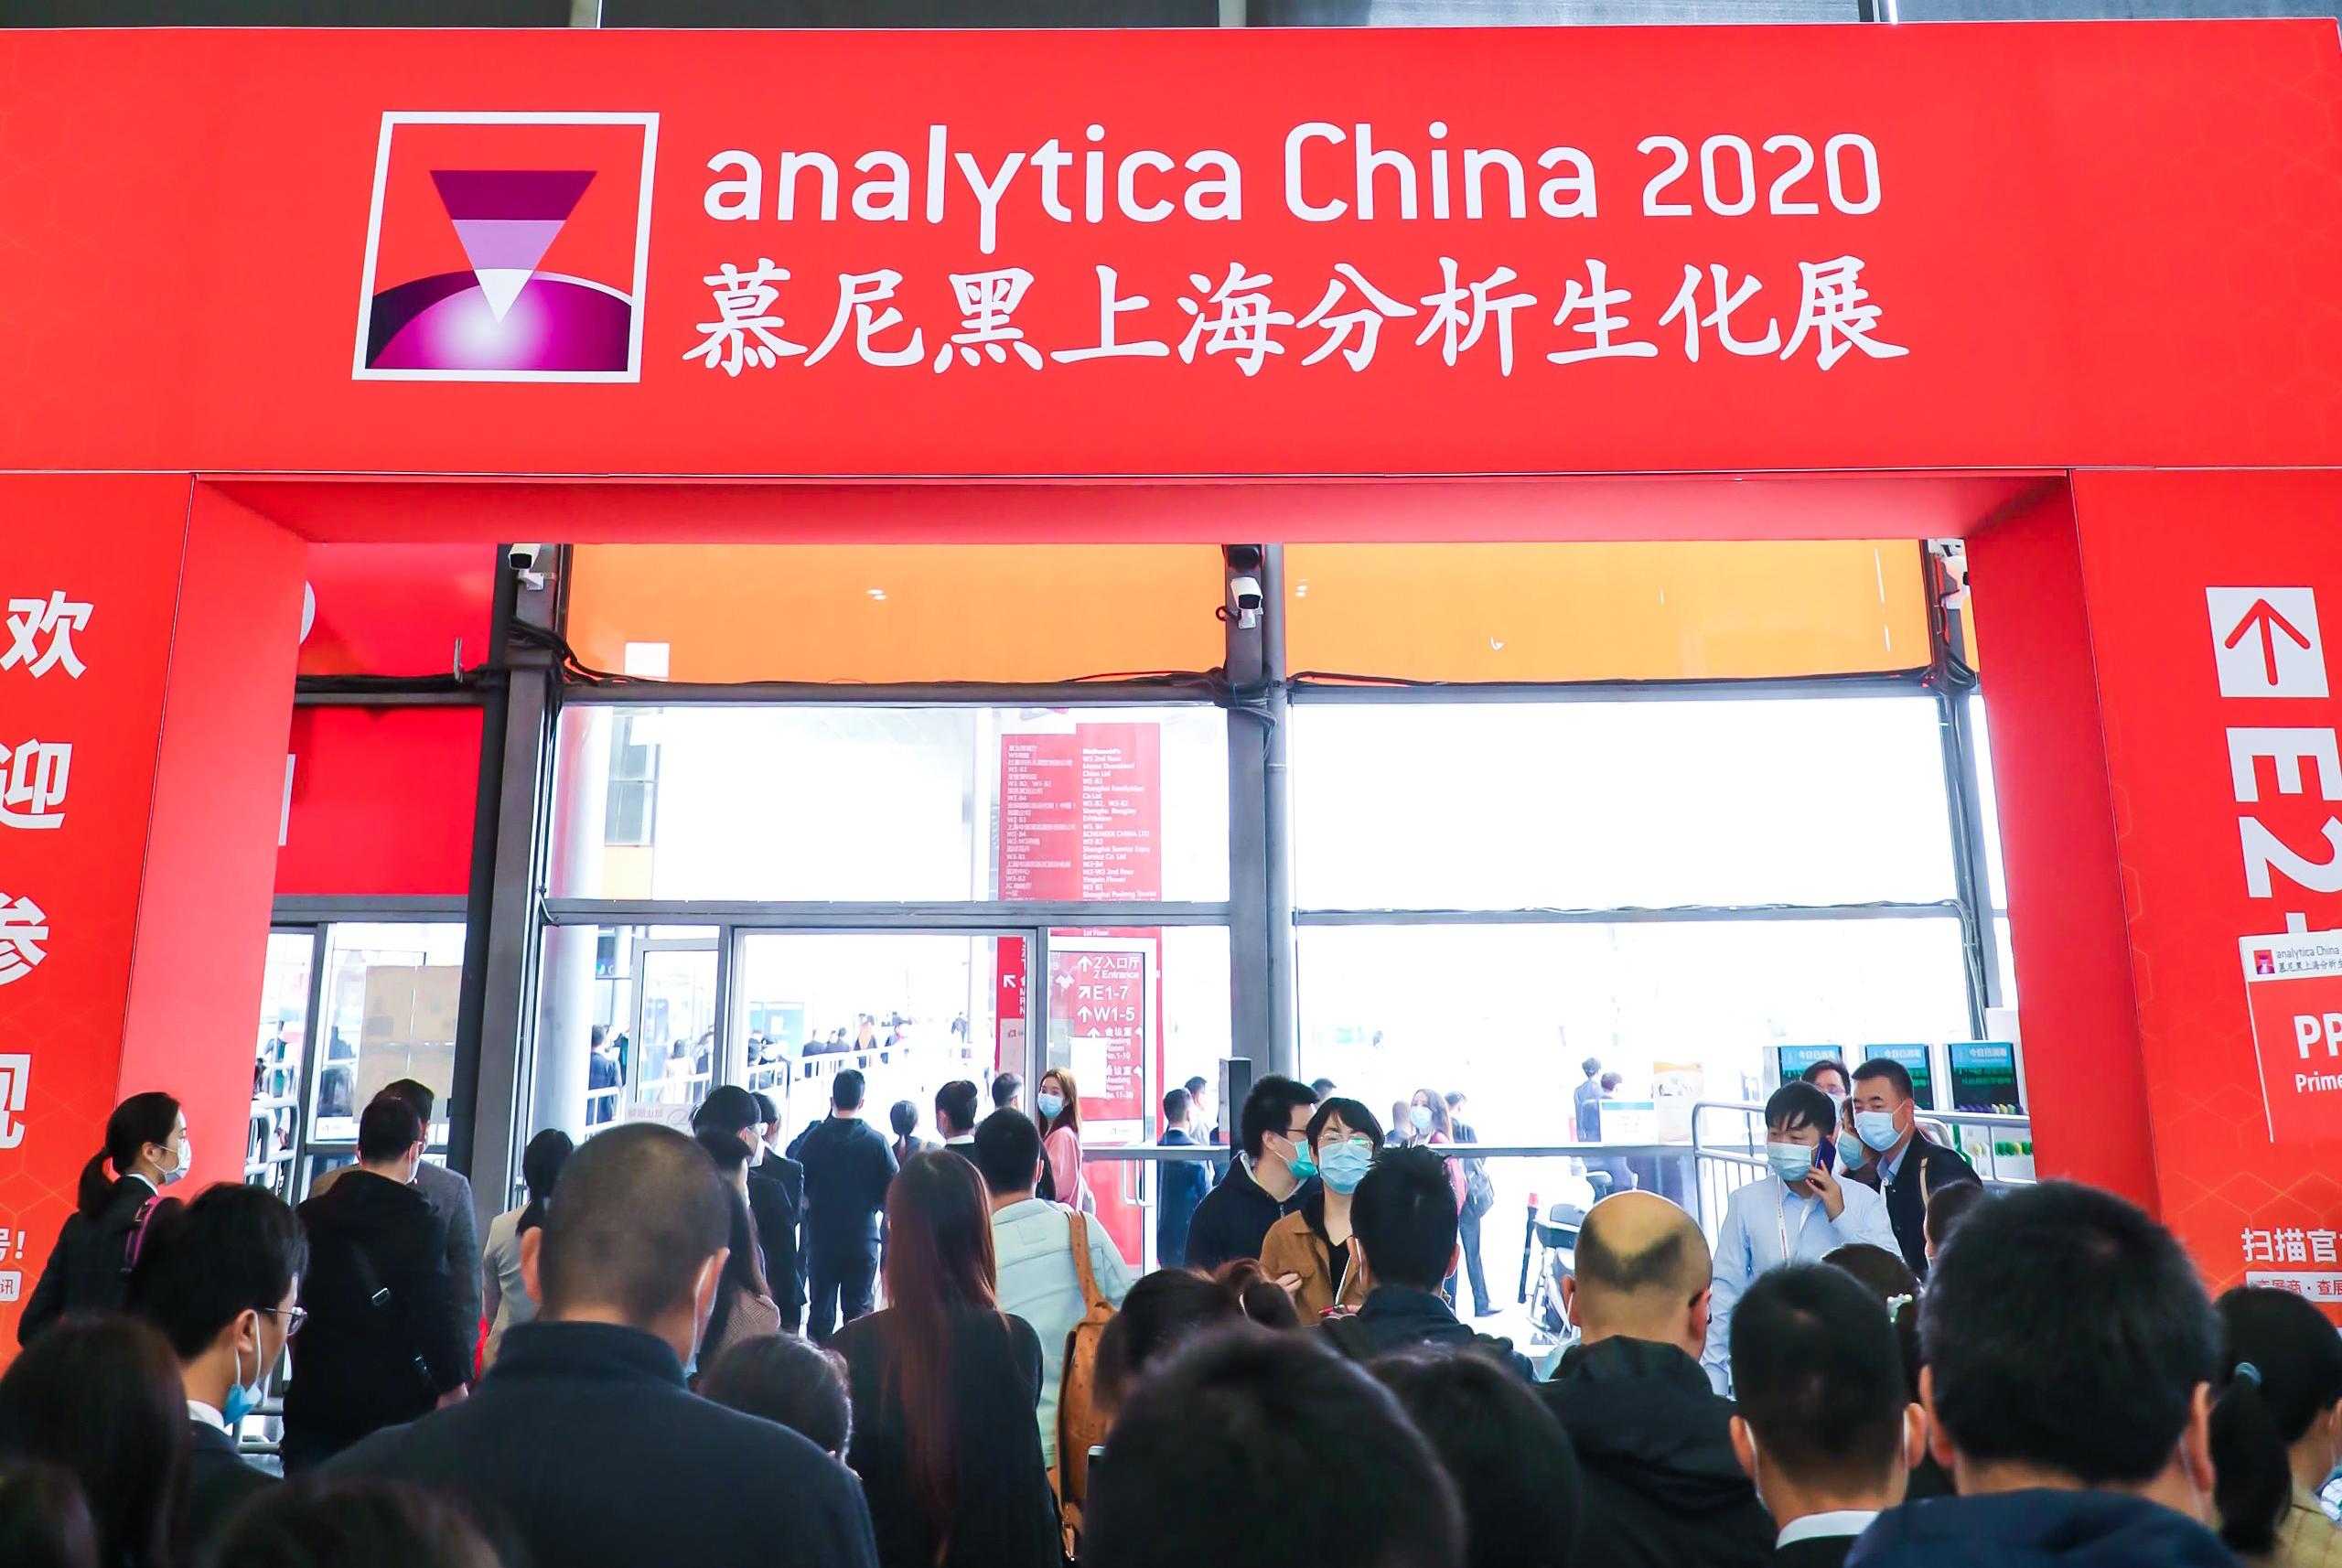 2020慕尼黑生化展(analycita China)在沪盛大召开